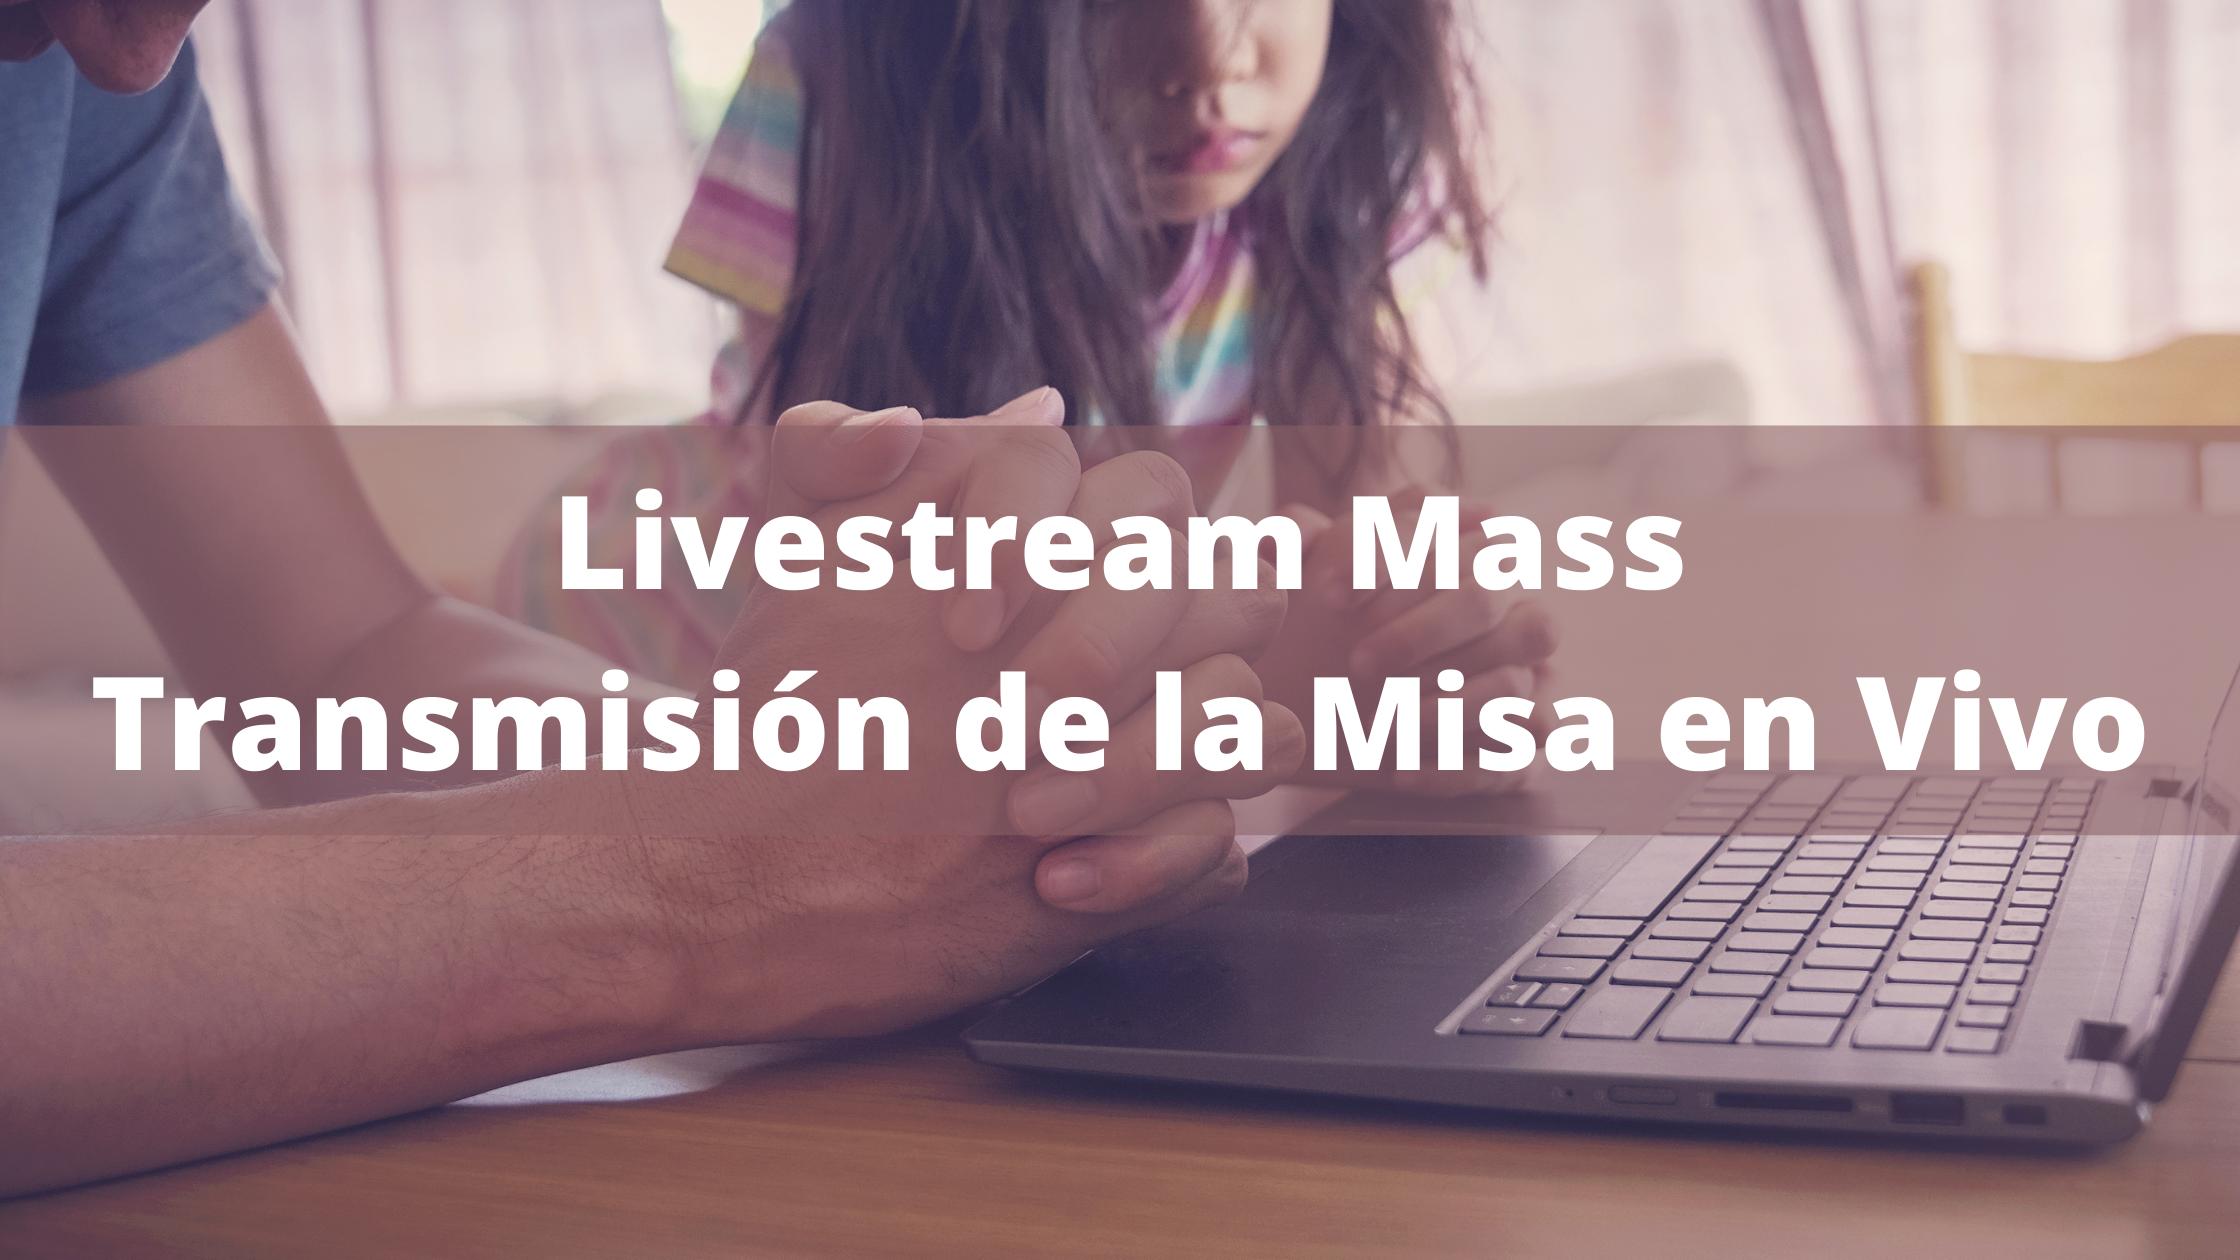 Livestream Mass